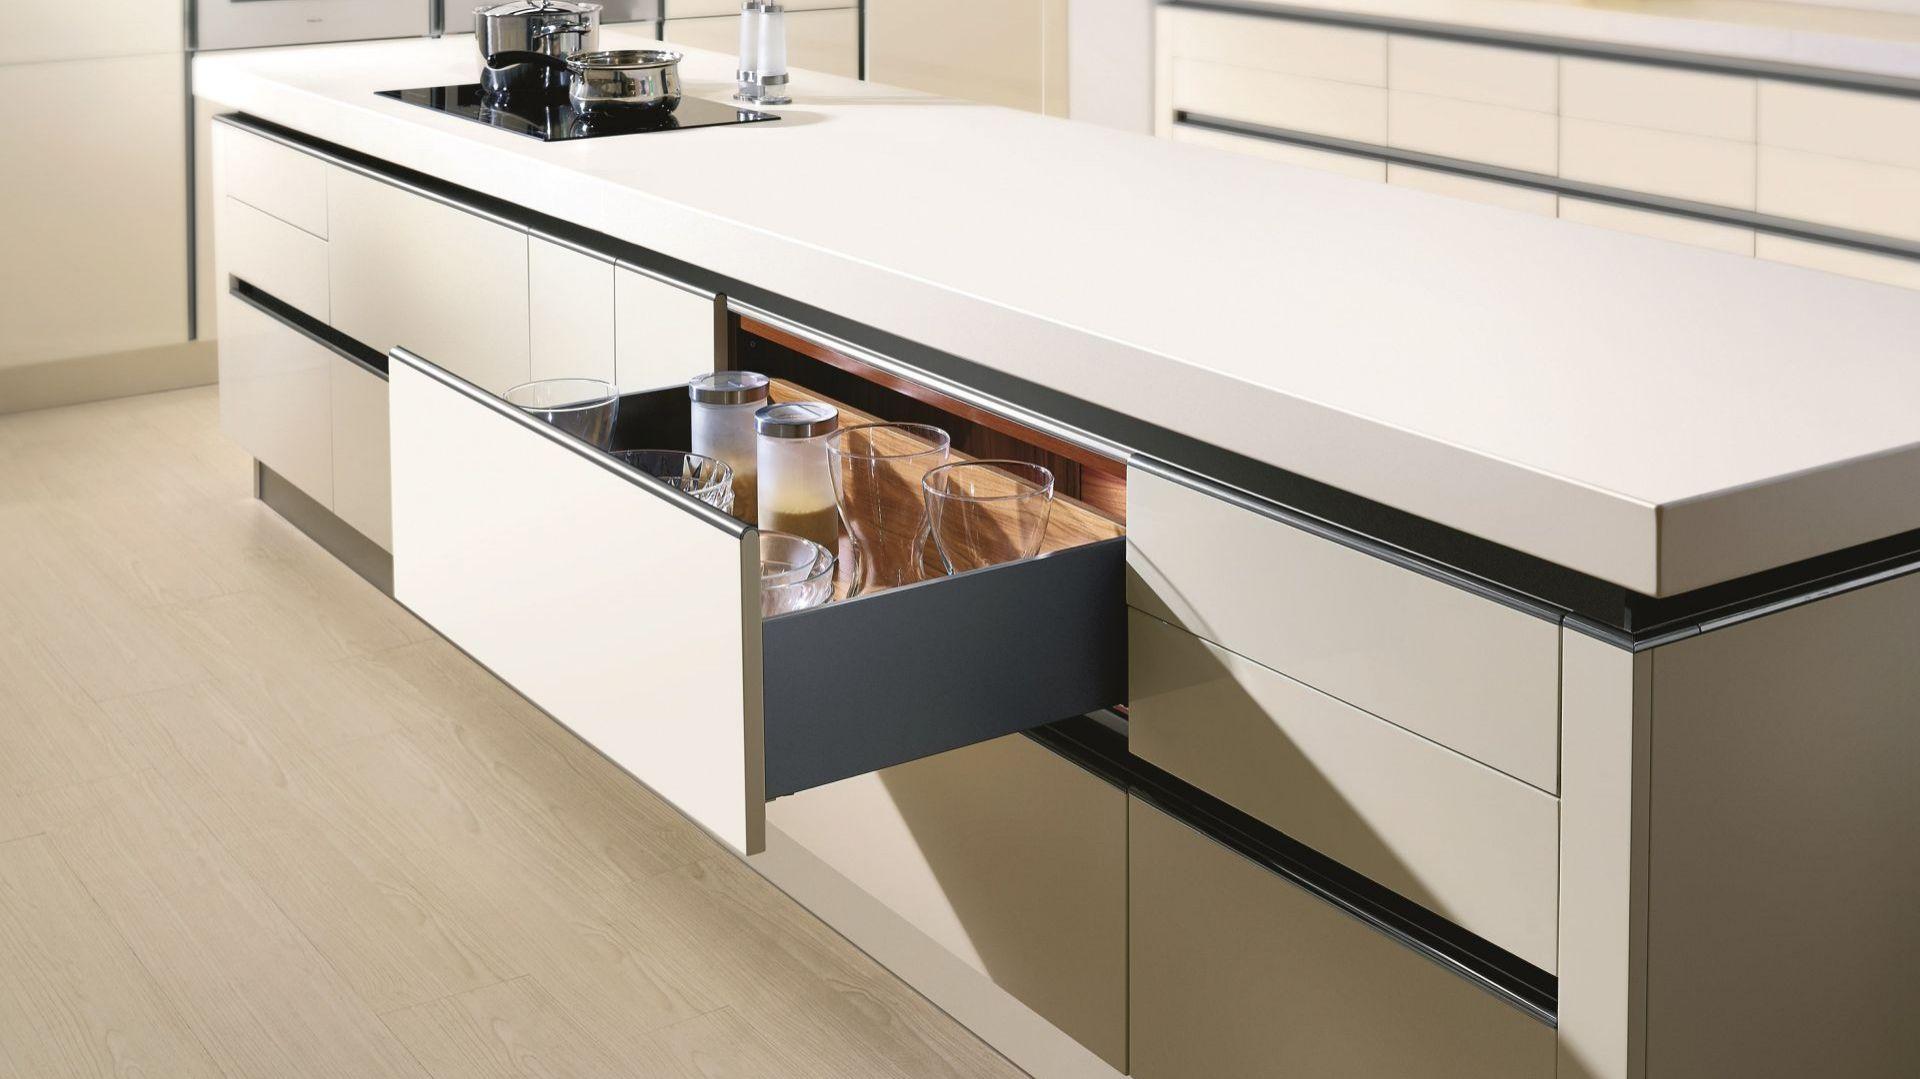 Przechowywanie W Kuchni Sprytne Pomysły Na Szuflady